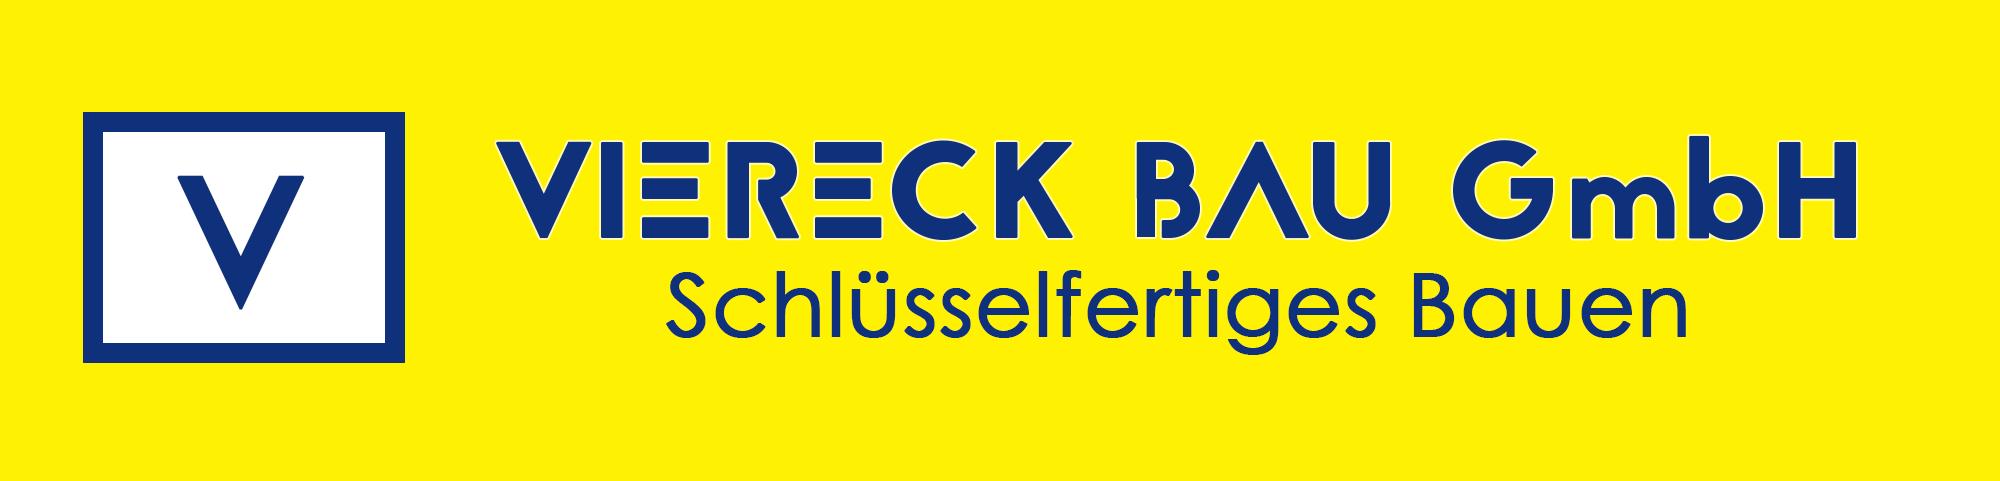 Viereck Bau GmbH